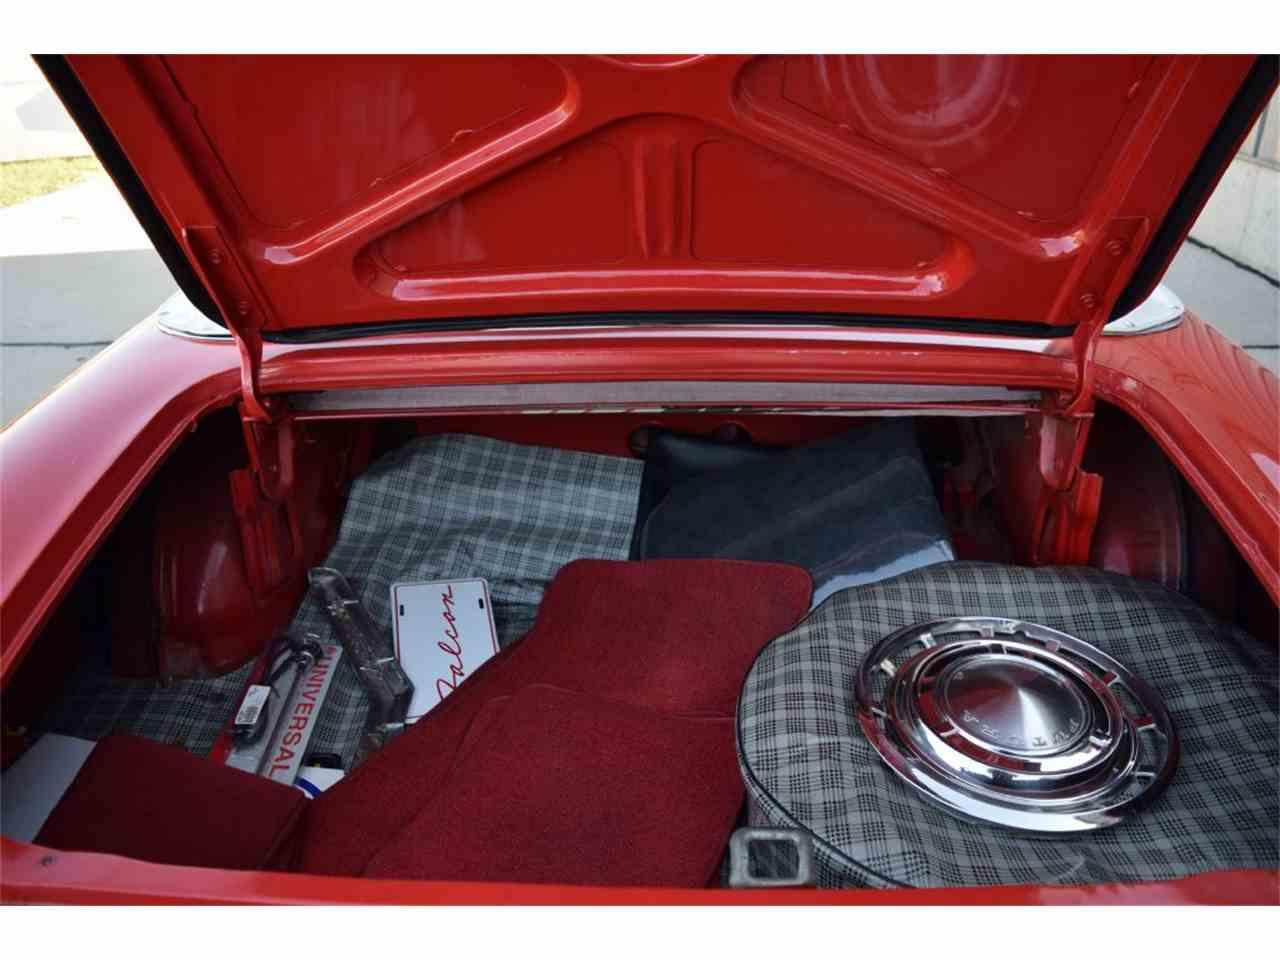 Large Picture of '63 Ford Falcon Futura located in Iowa - LUN9